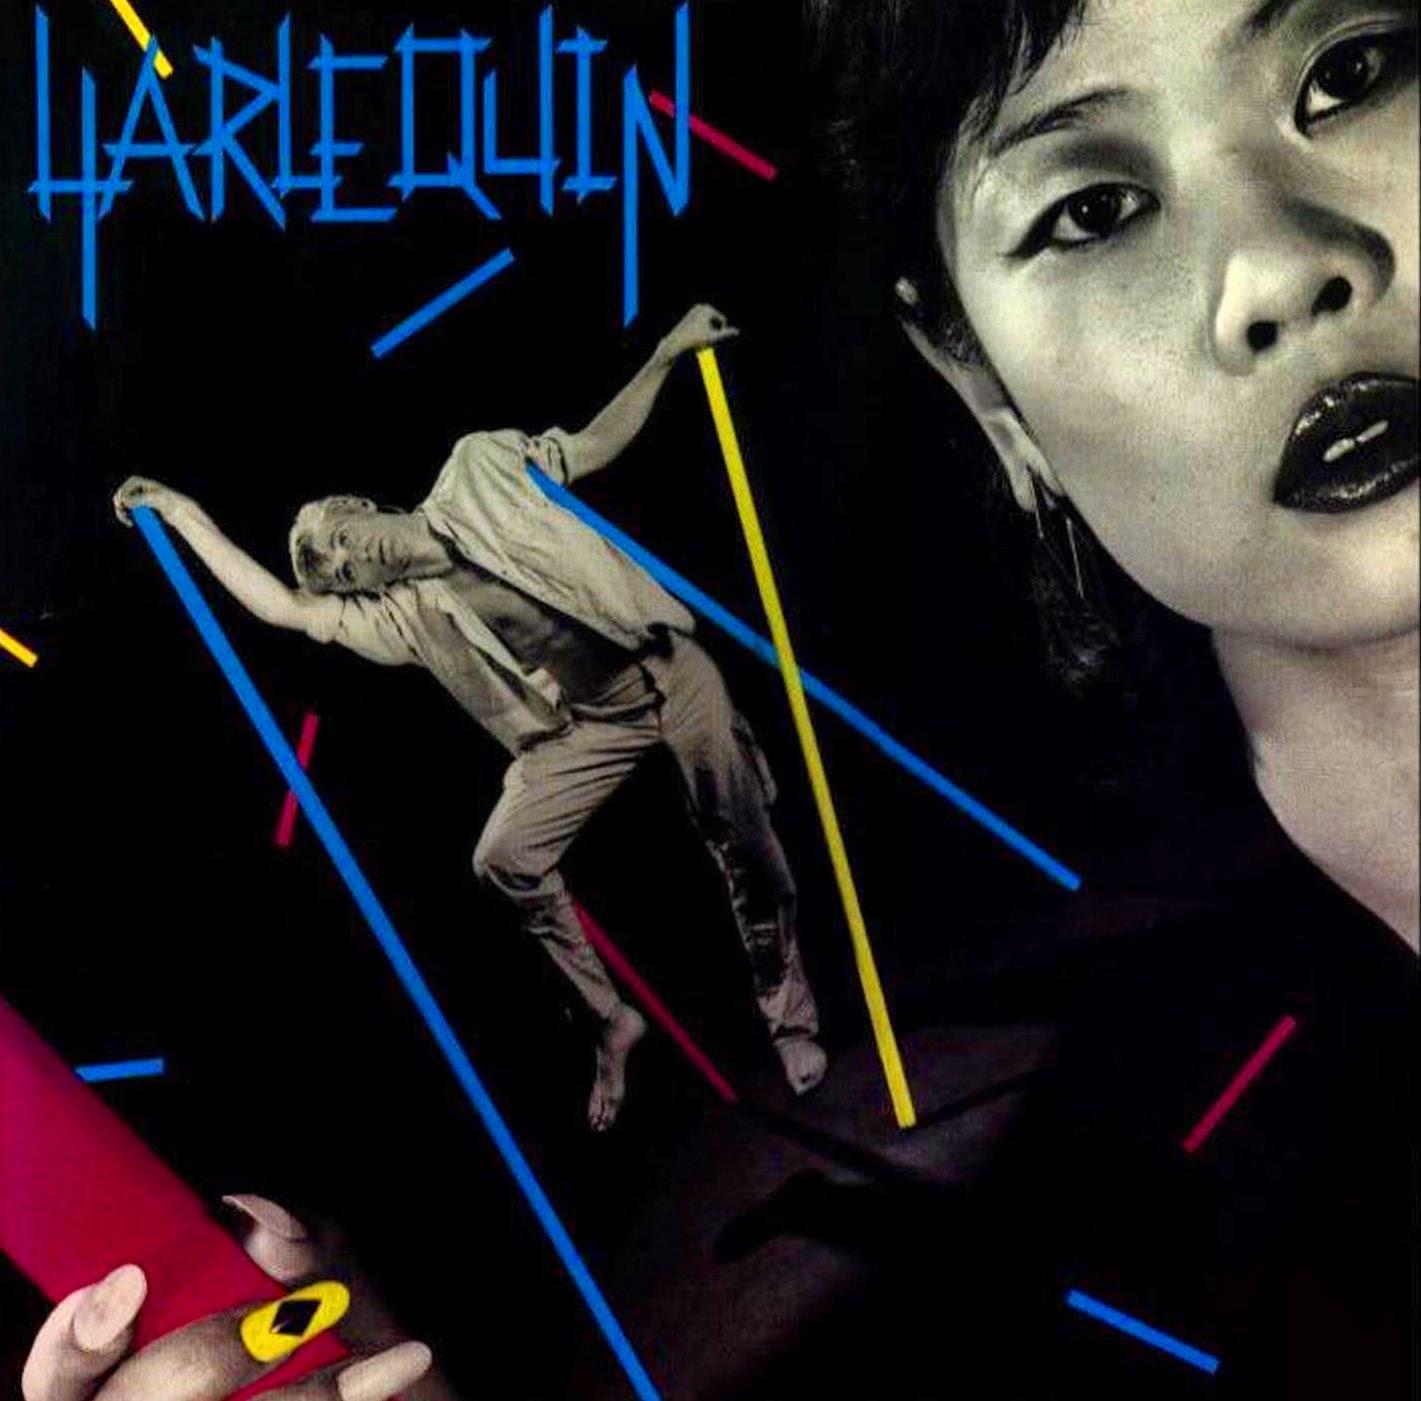 Harlequin st 1984